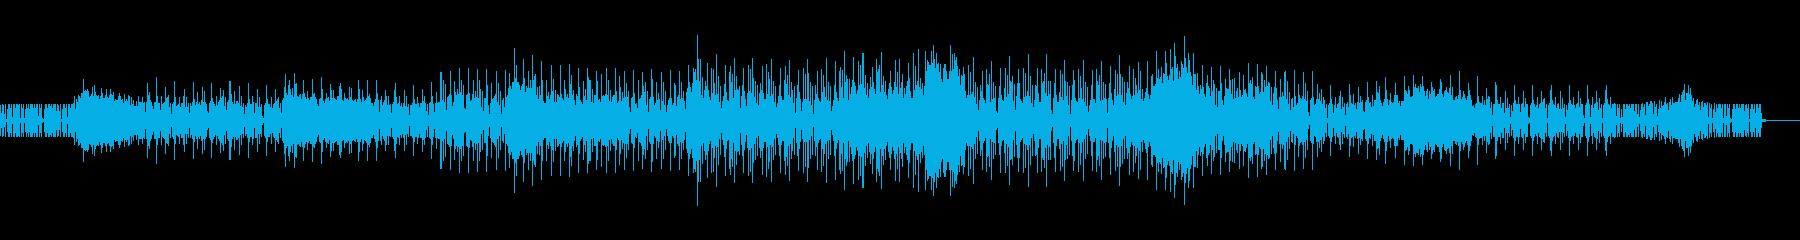 中東の音を伴う忘れられない神秘的な...の再生済みの波形